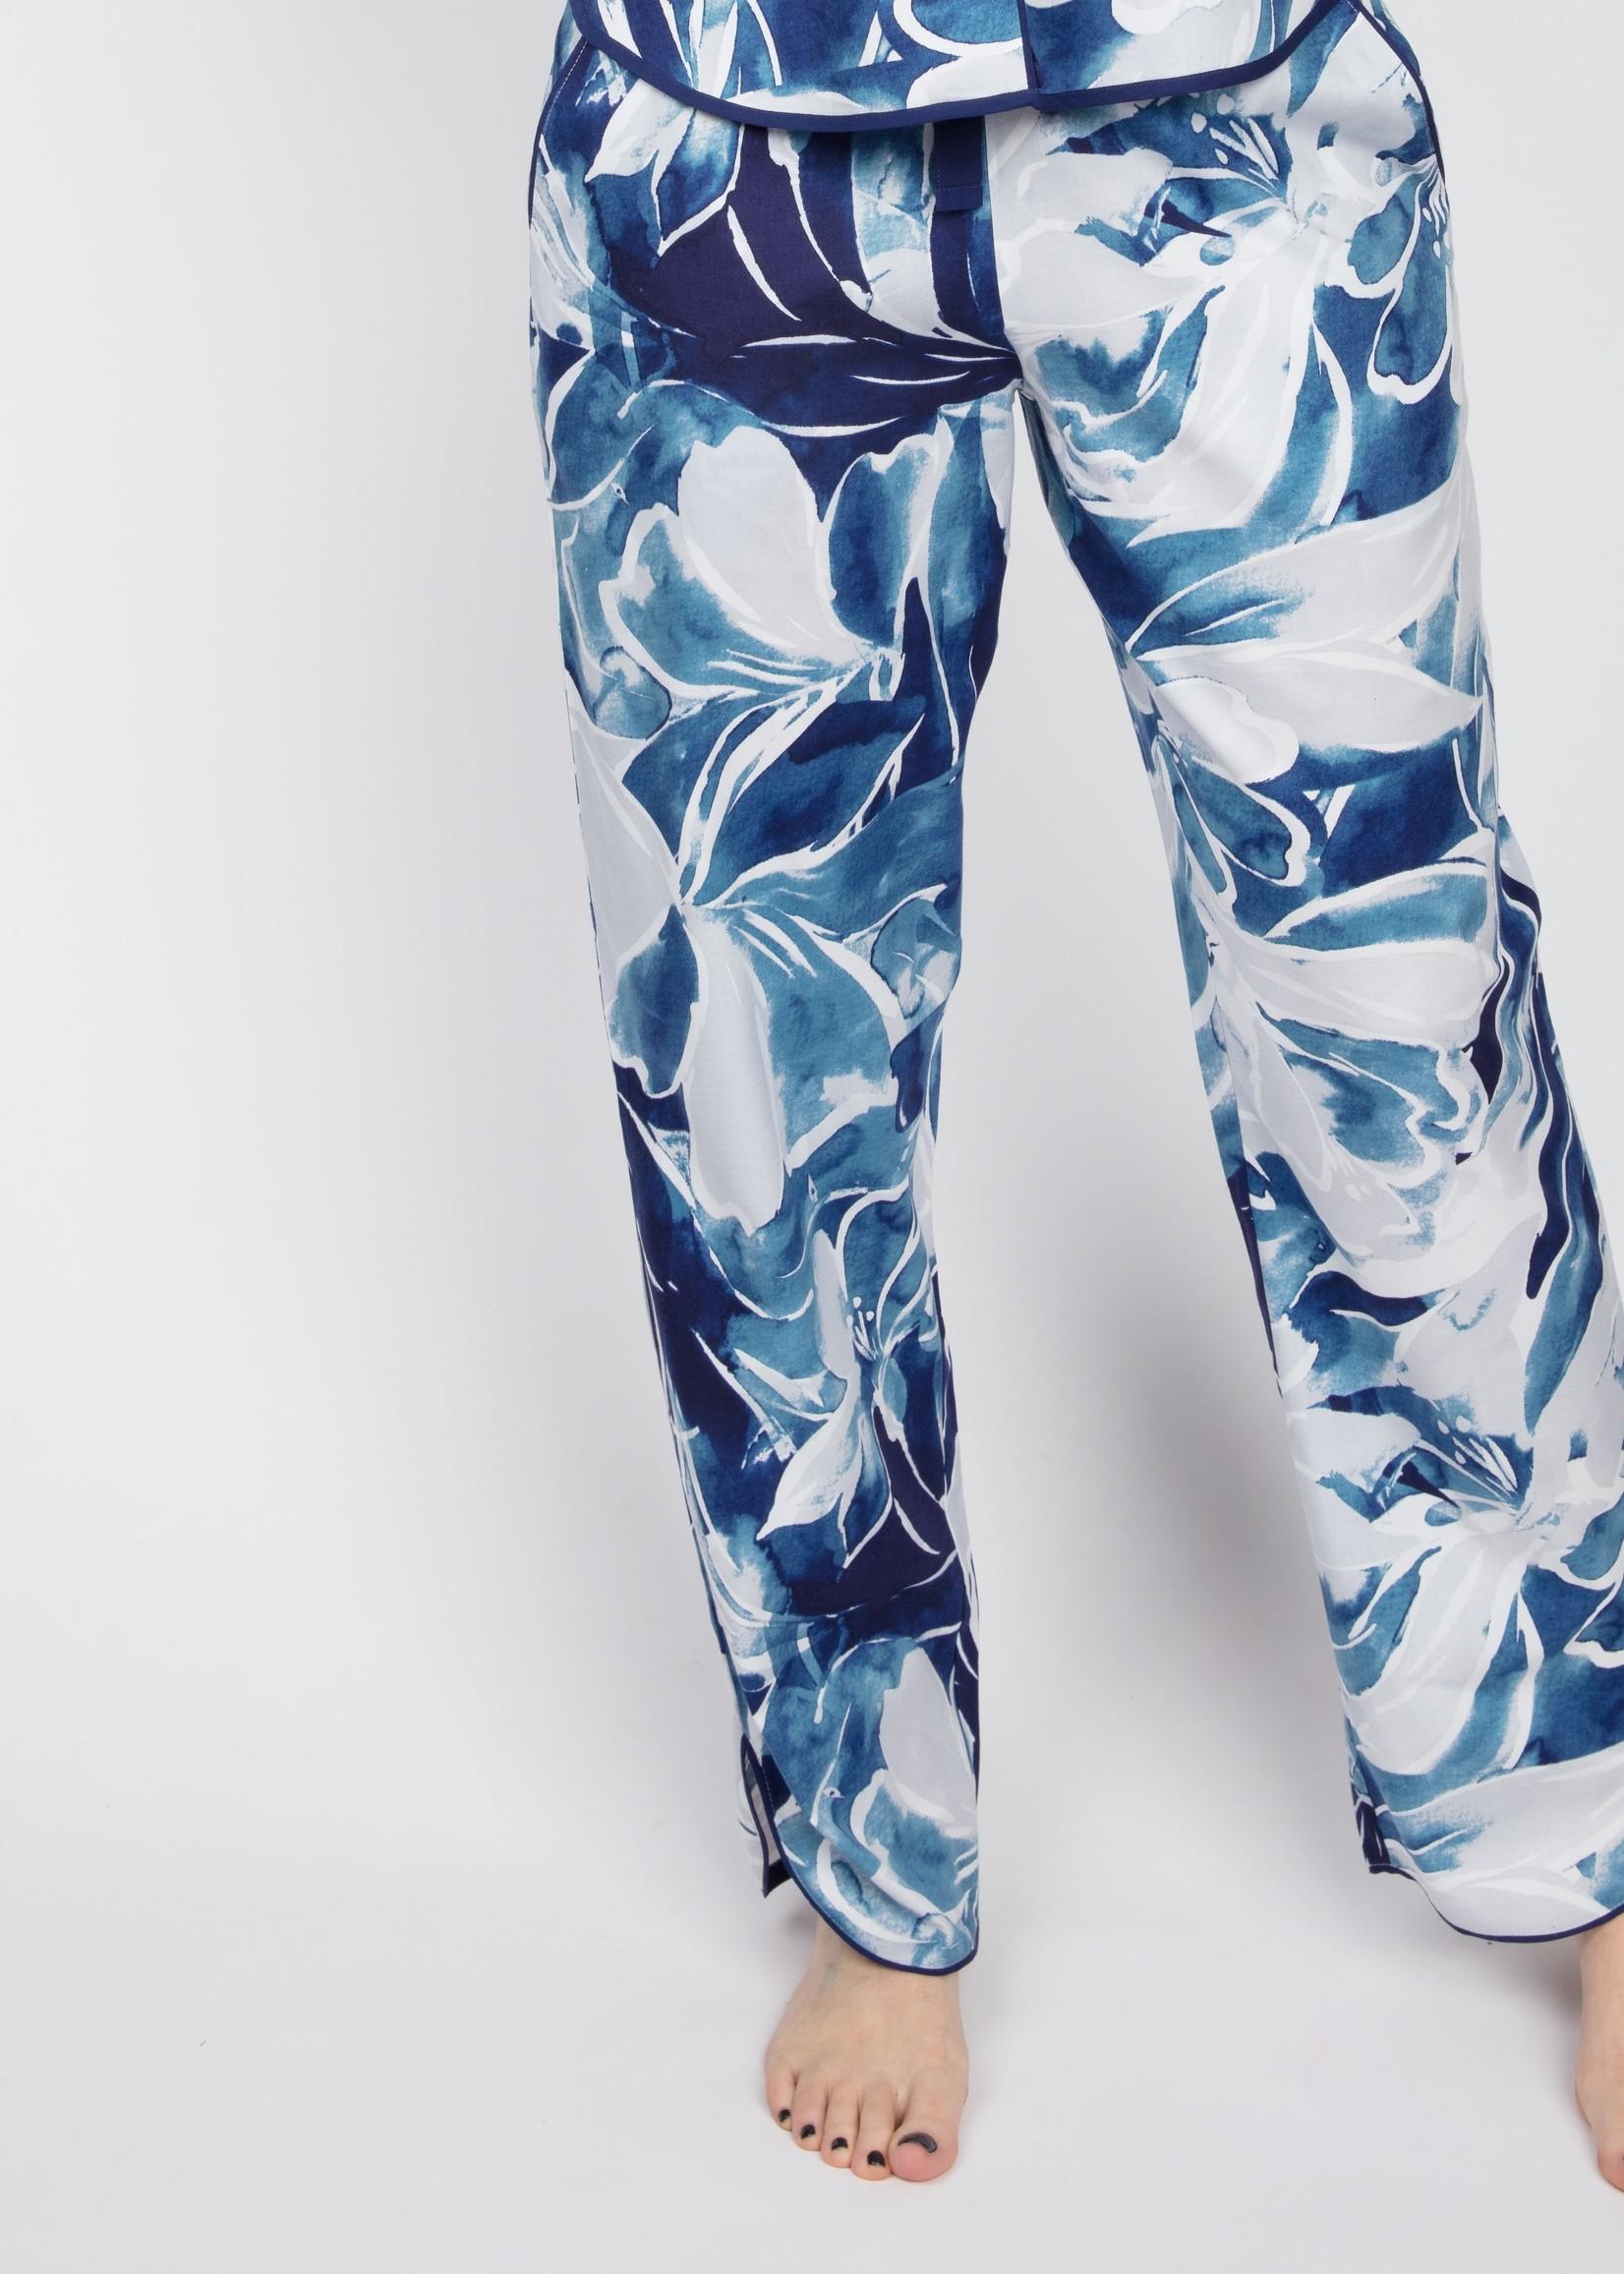 Cyberjammies Cyberjammies Ellie Floral Pyjama Pant